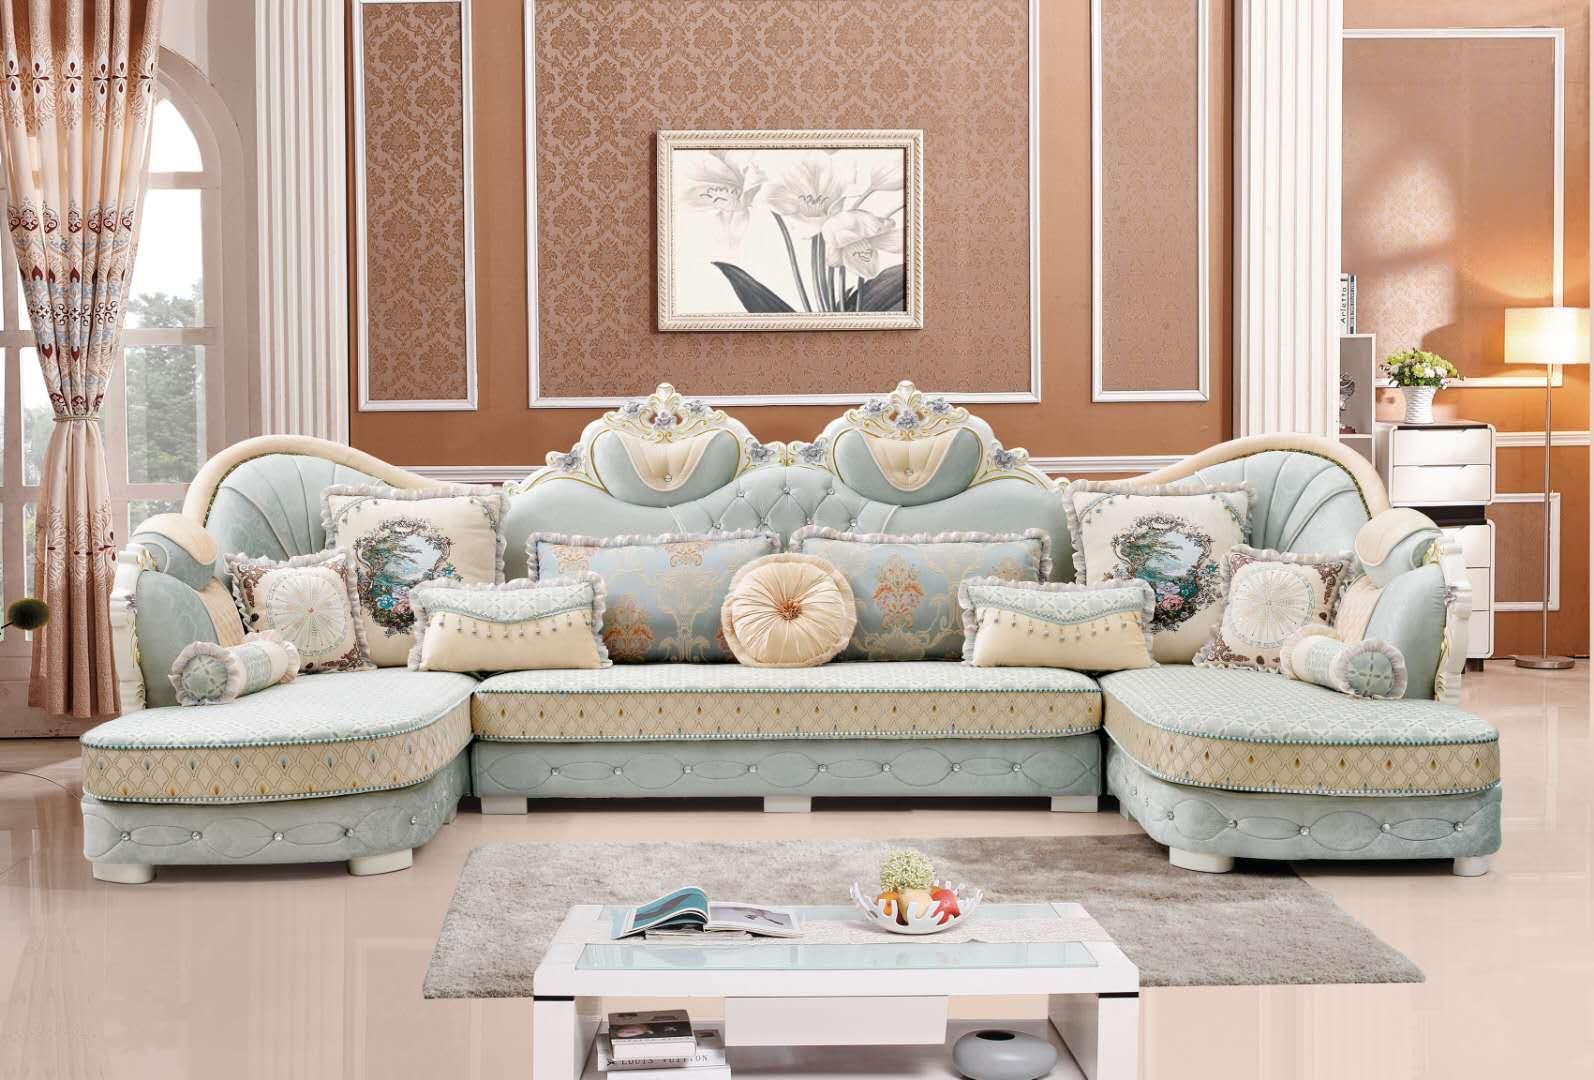 欧式沙发风格小户型客厅组合现代简约沙发实木整装家具